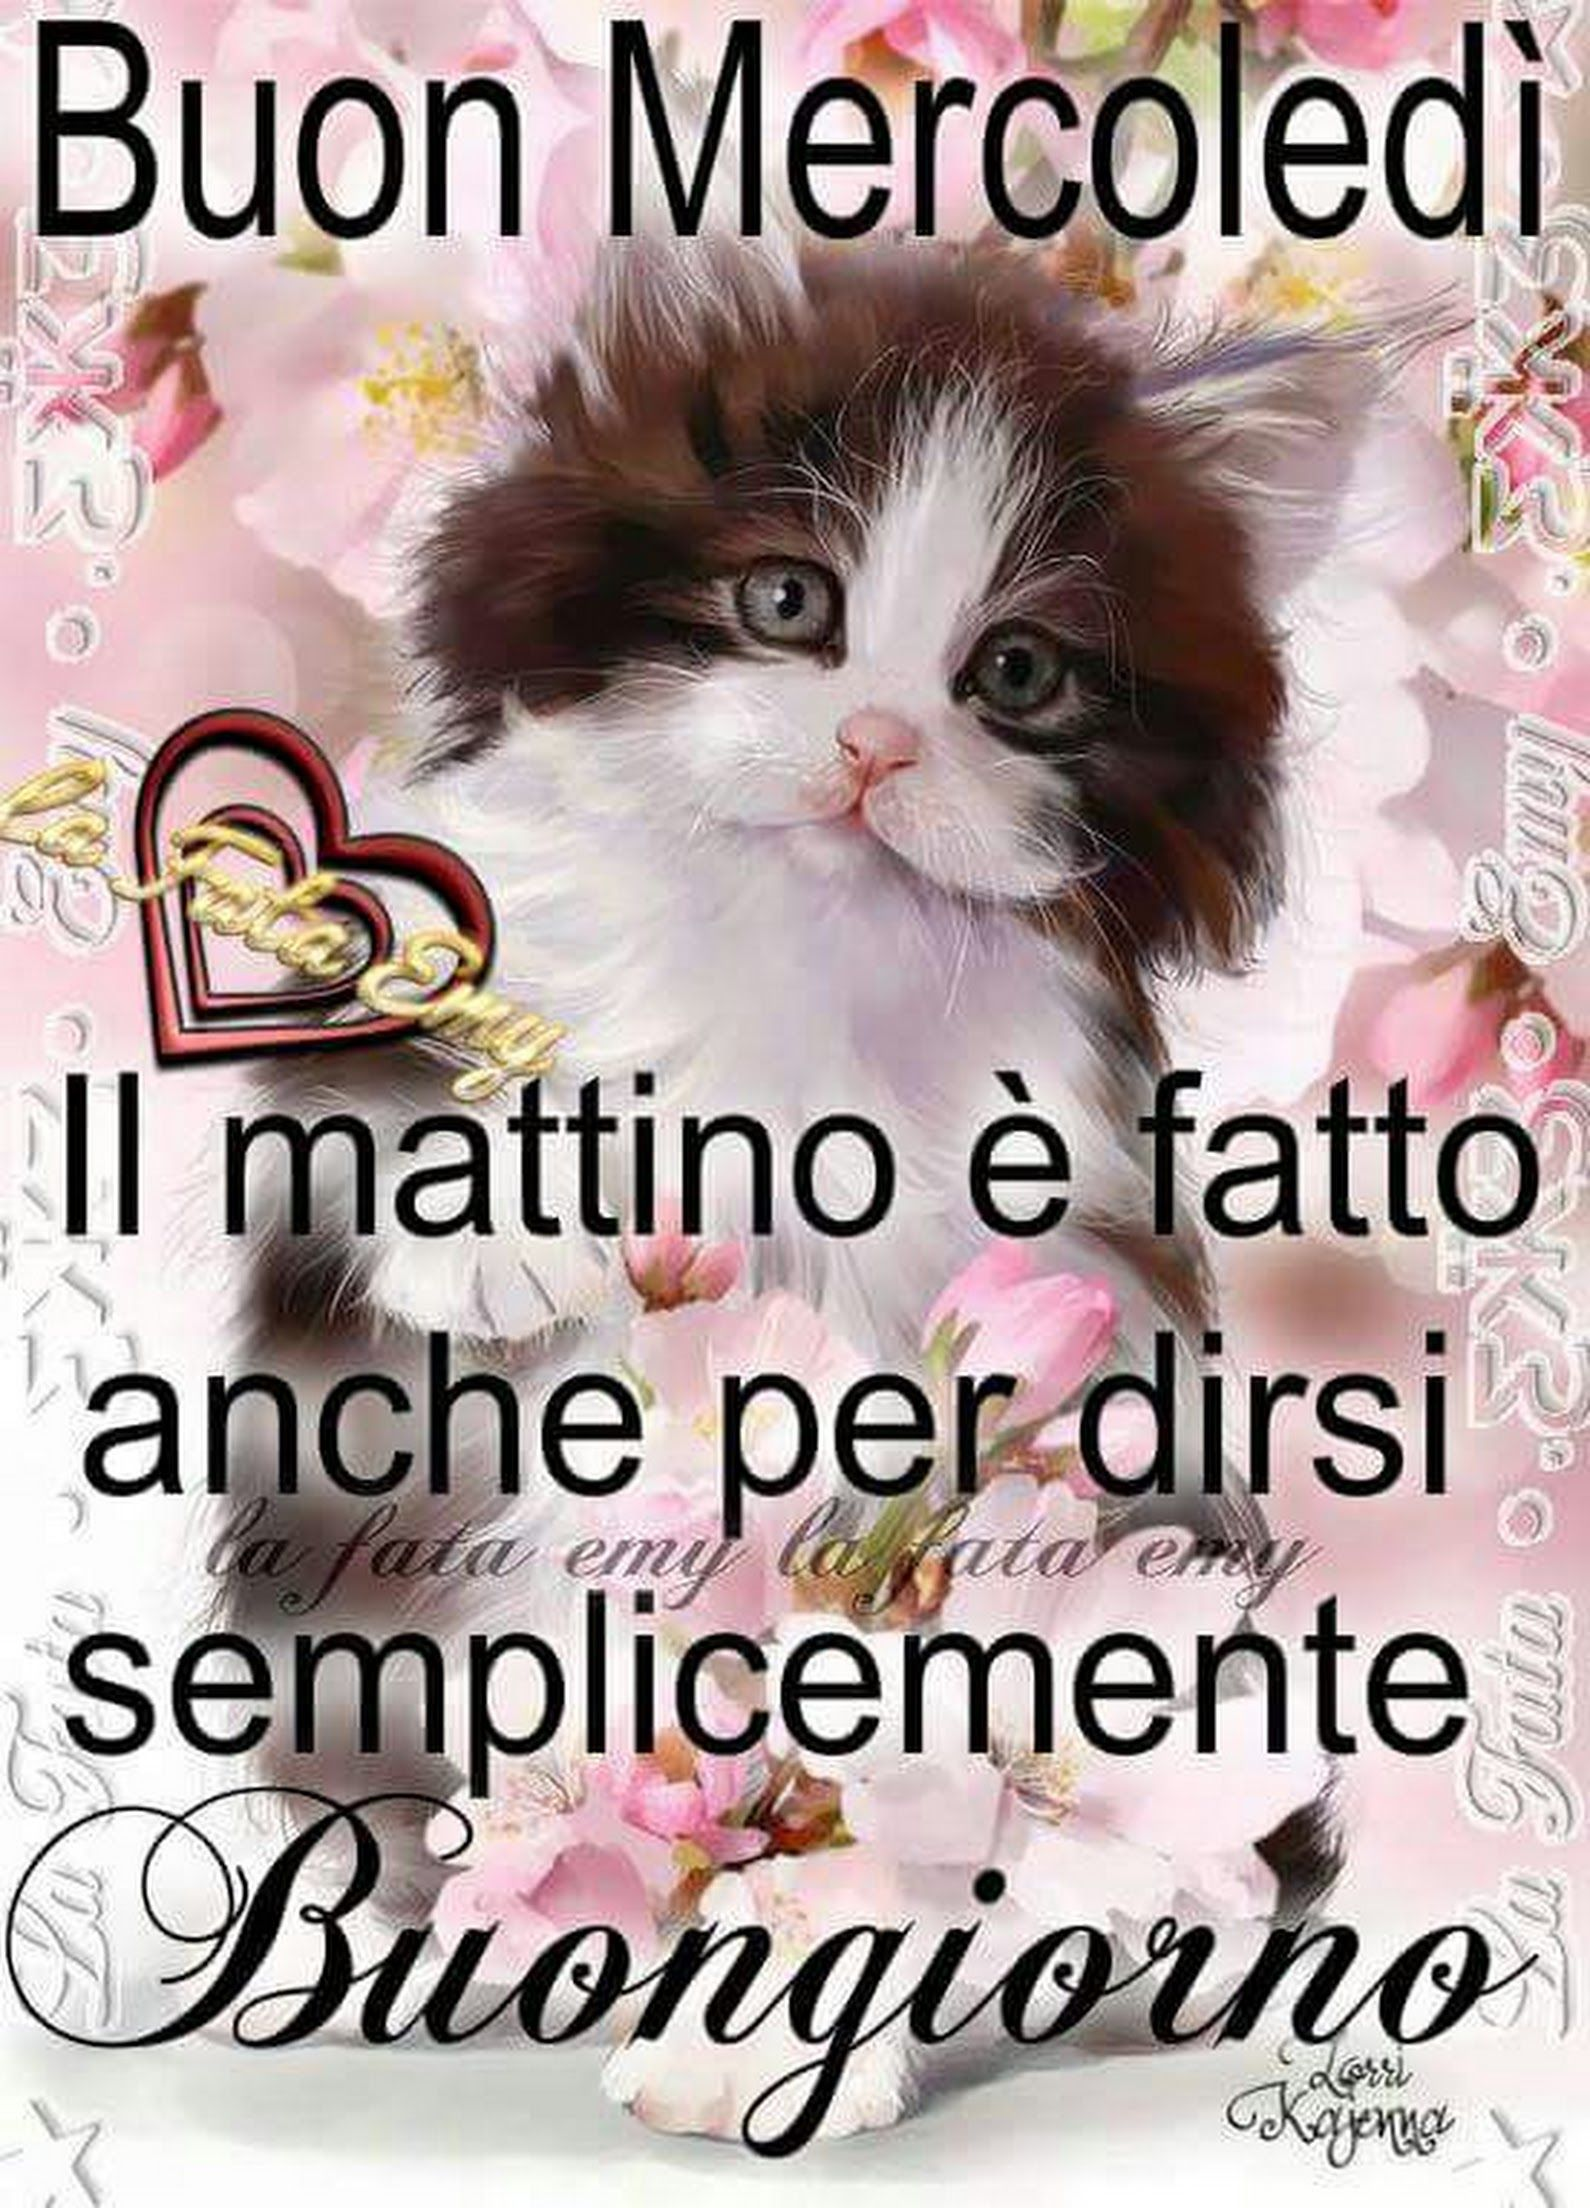 Buongiorno mercoled gatto buongiorno buon lunedi for Buongiorno con gattini